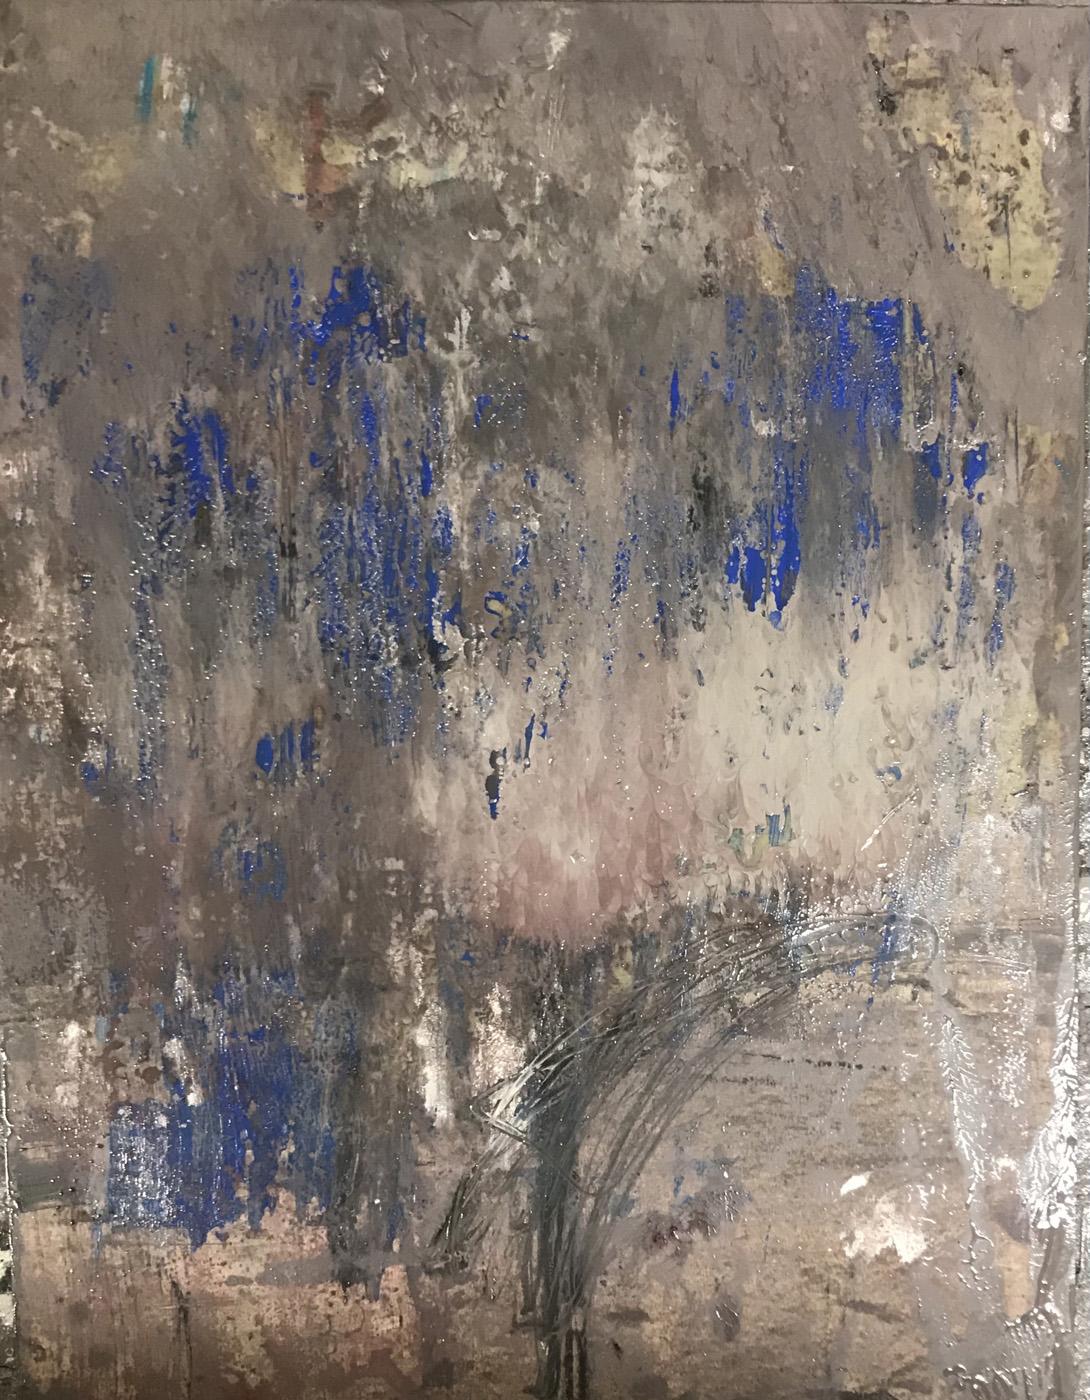 MARC FELD 2021 BLUE FALL Huile et mine de plomb sur papier 50 x 65 cm